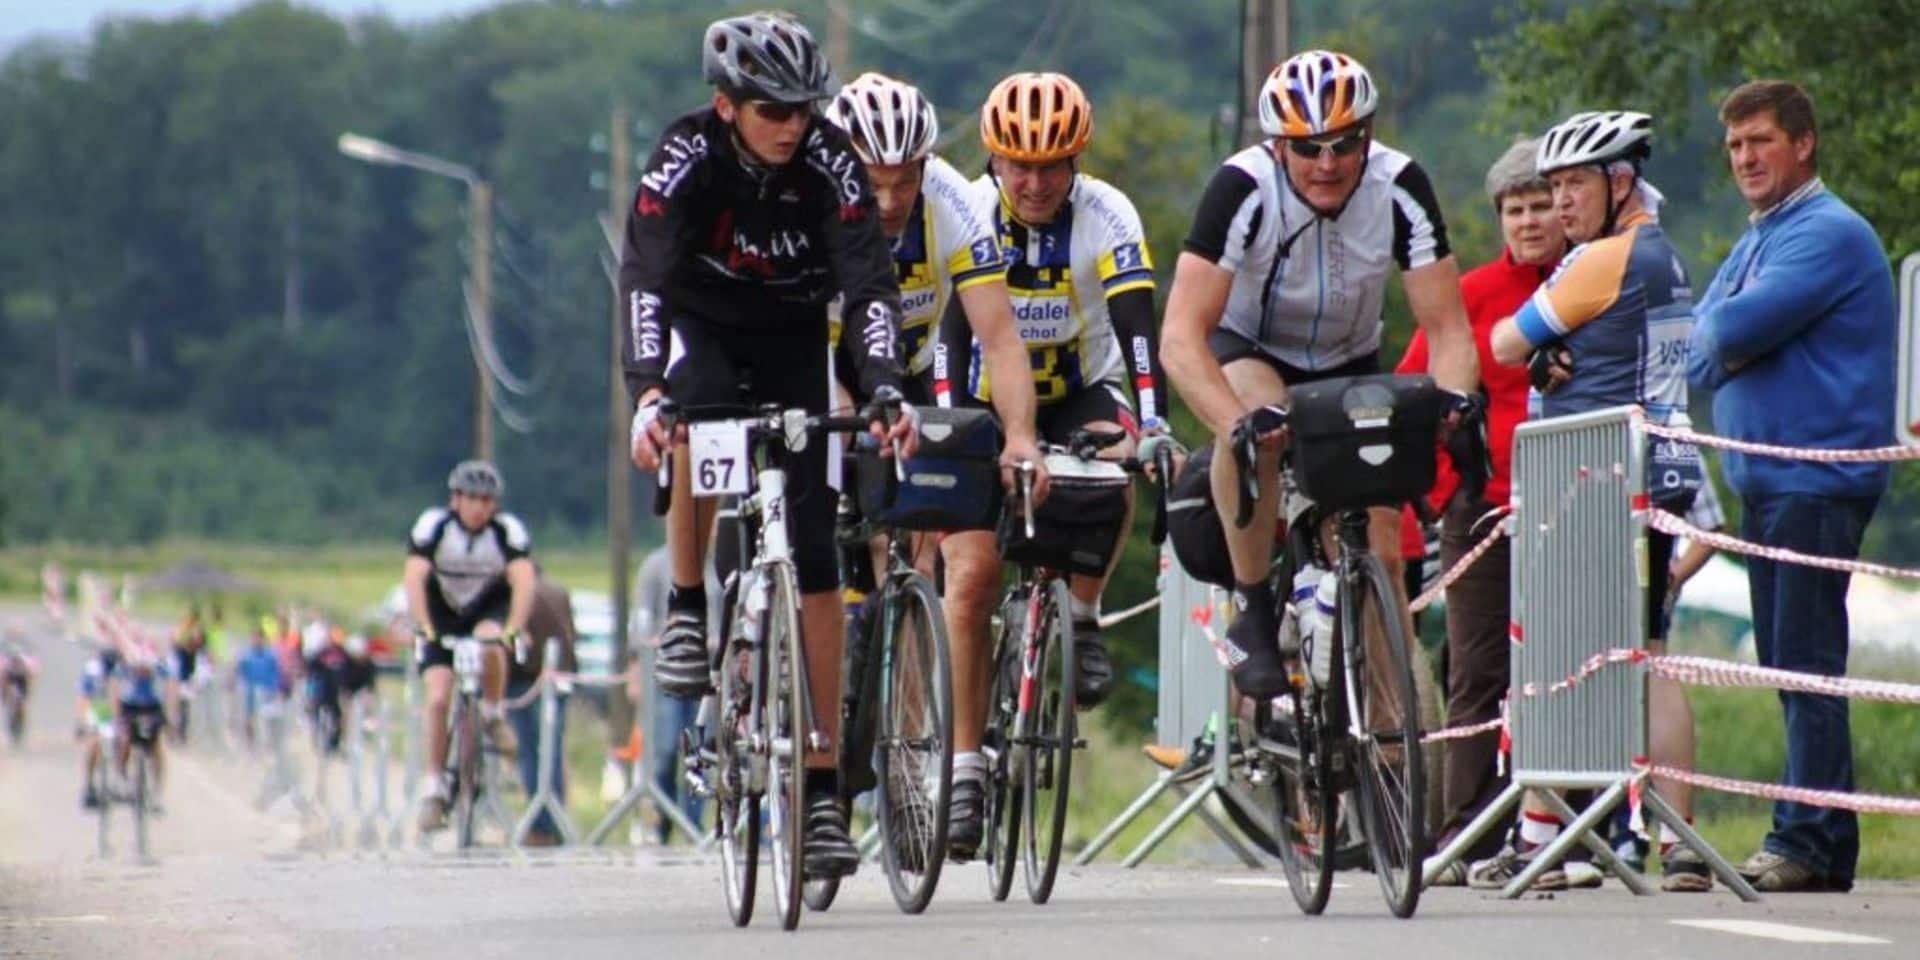 24 heures cyclistes de Tavigny (Houffalize) : inscrivez-vous !